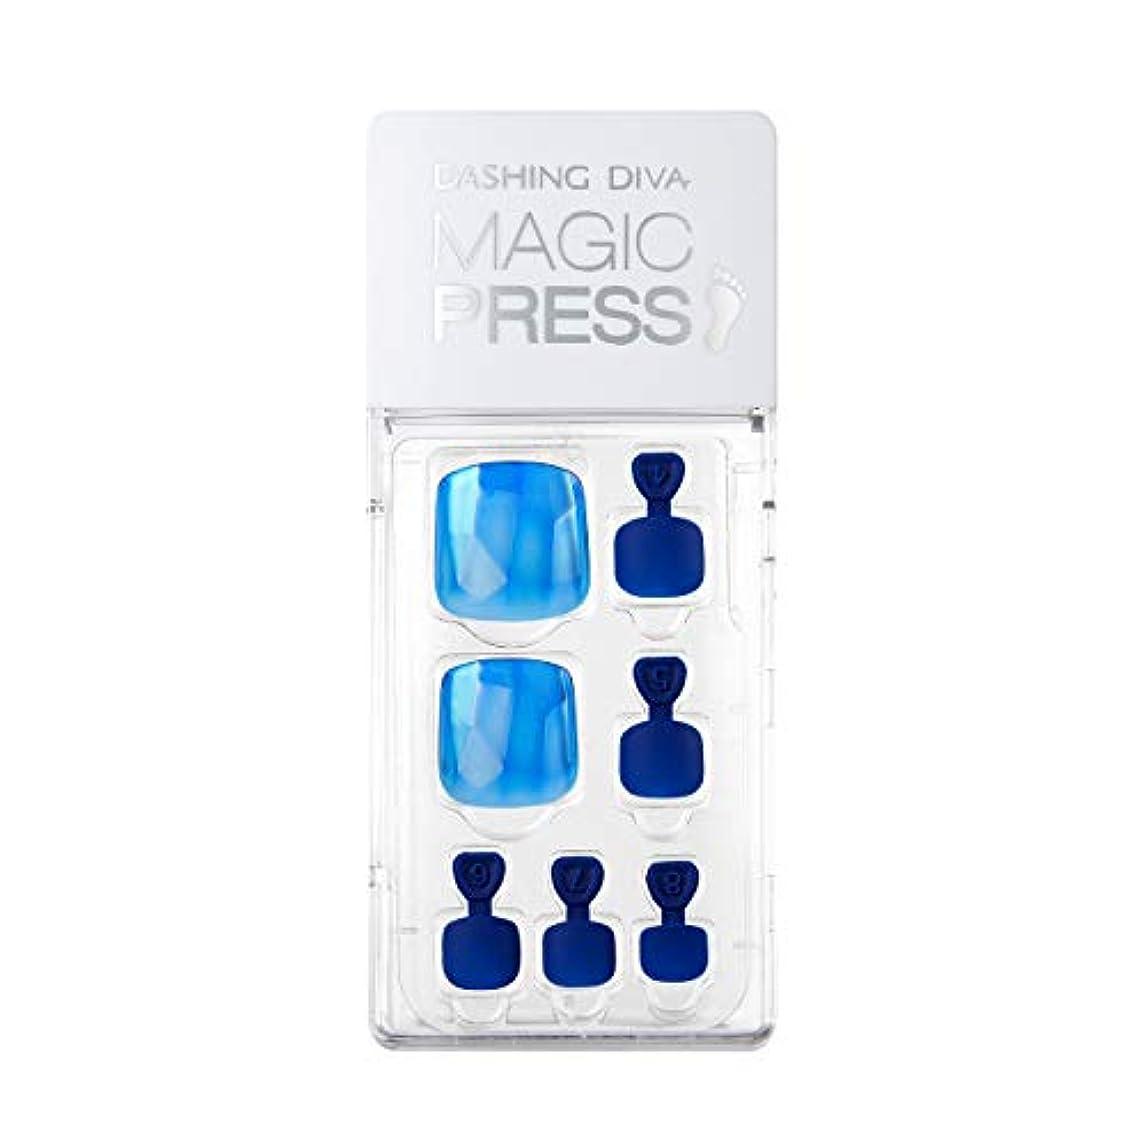 ページ症候群匿名ダッシングディバ マジックプレス DASHING DIVA MagicPress MDR_362P-DURY+ オリジナルジェル ネイルチップ Blue Gem